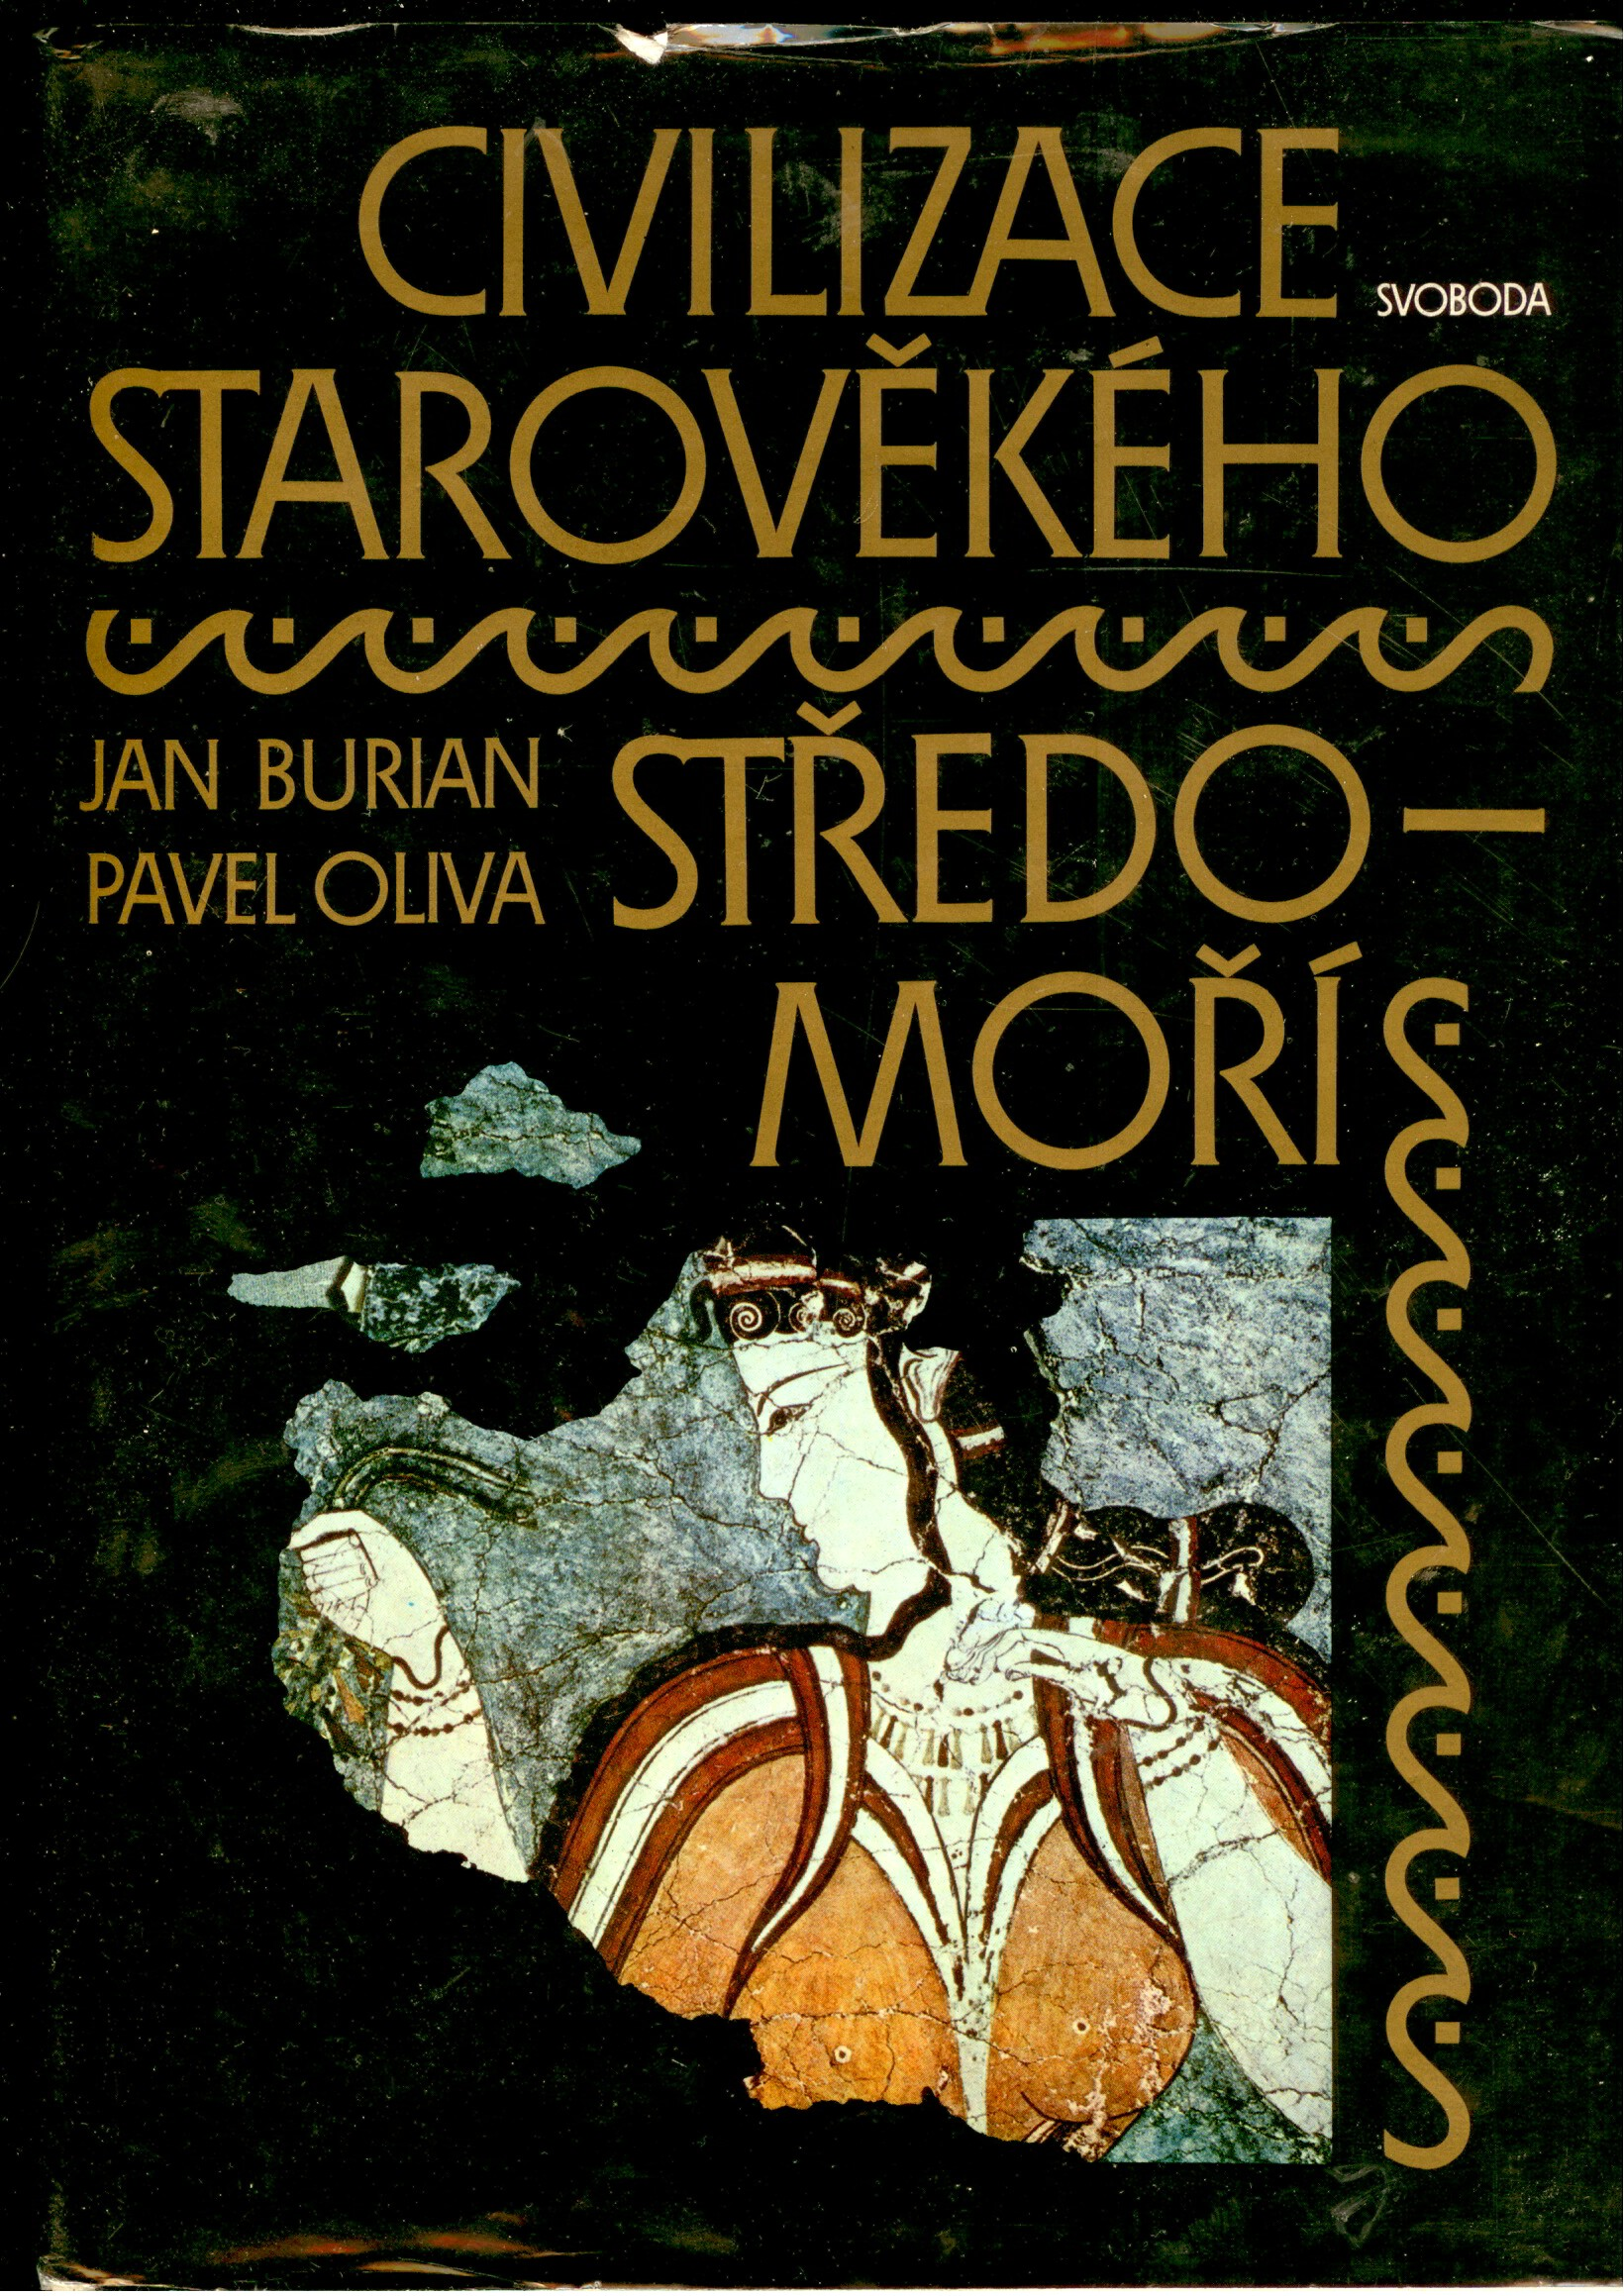 Civilizace starověkého Středomoří - Jan Burian, Pavel Oliva